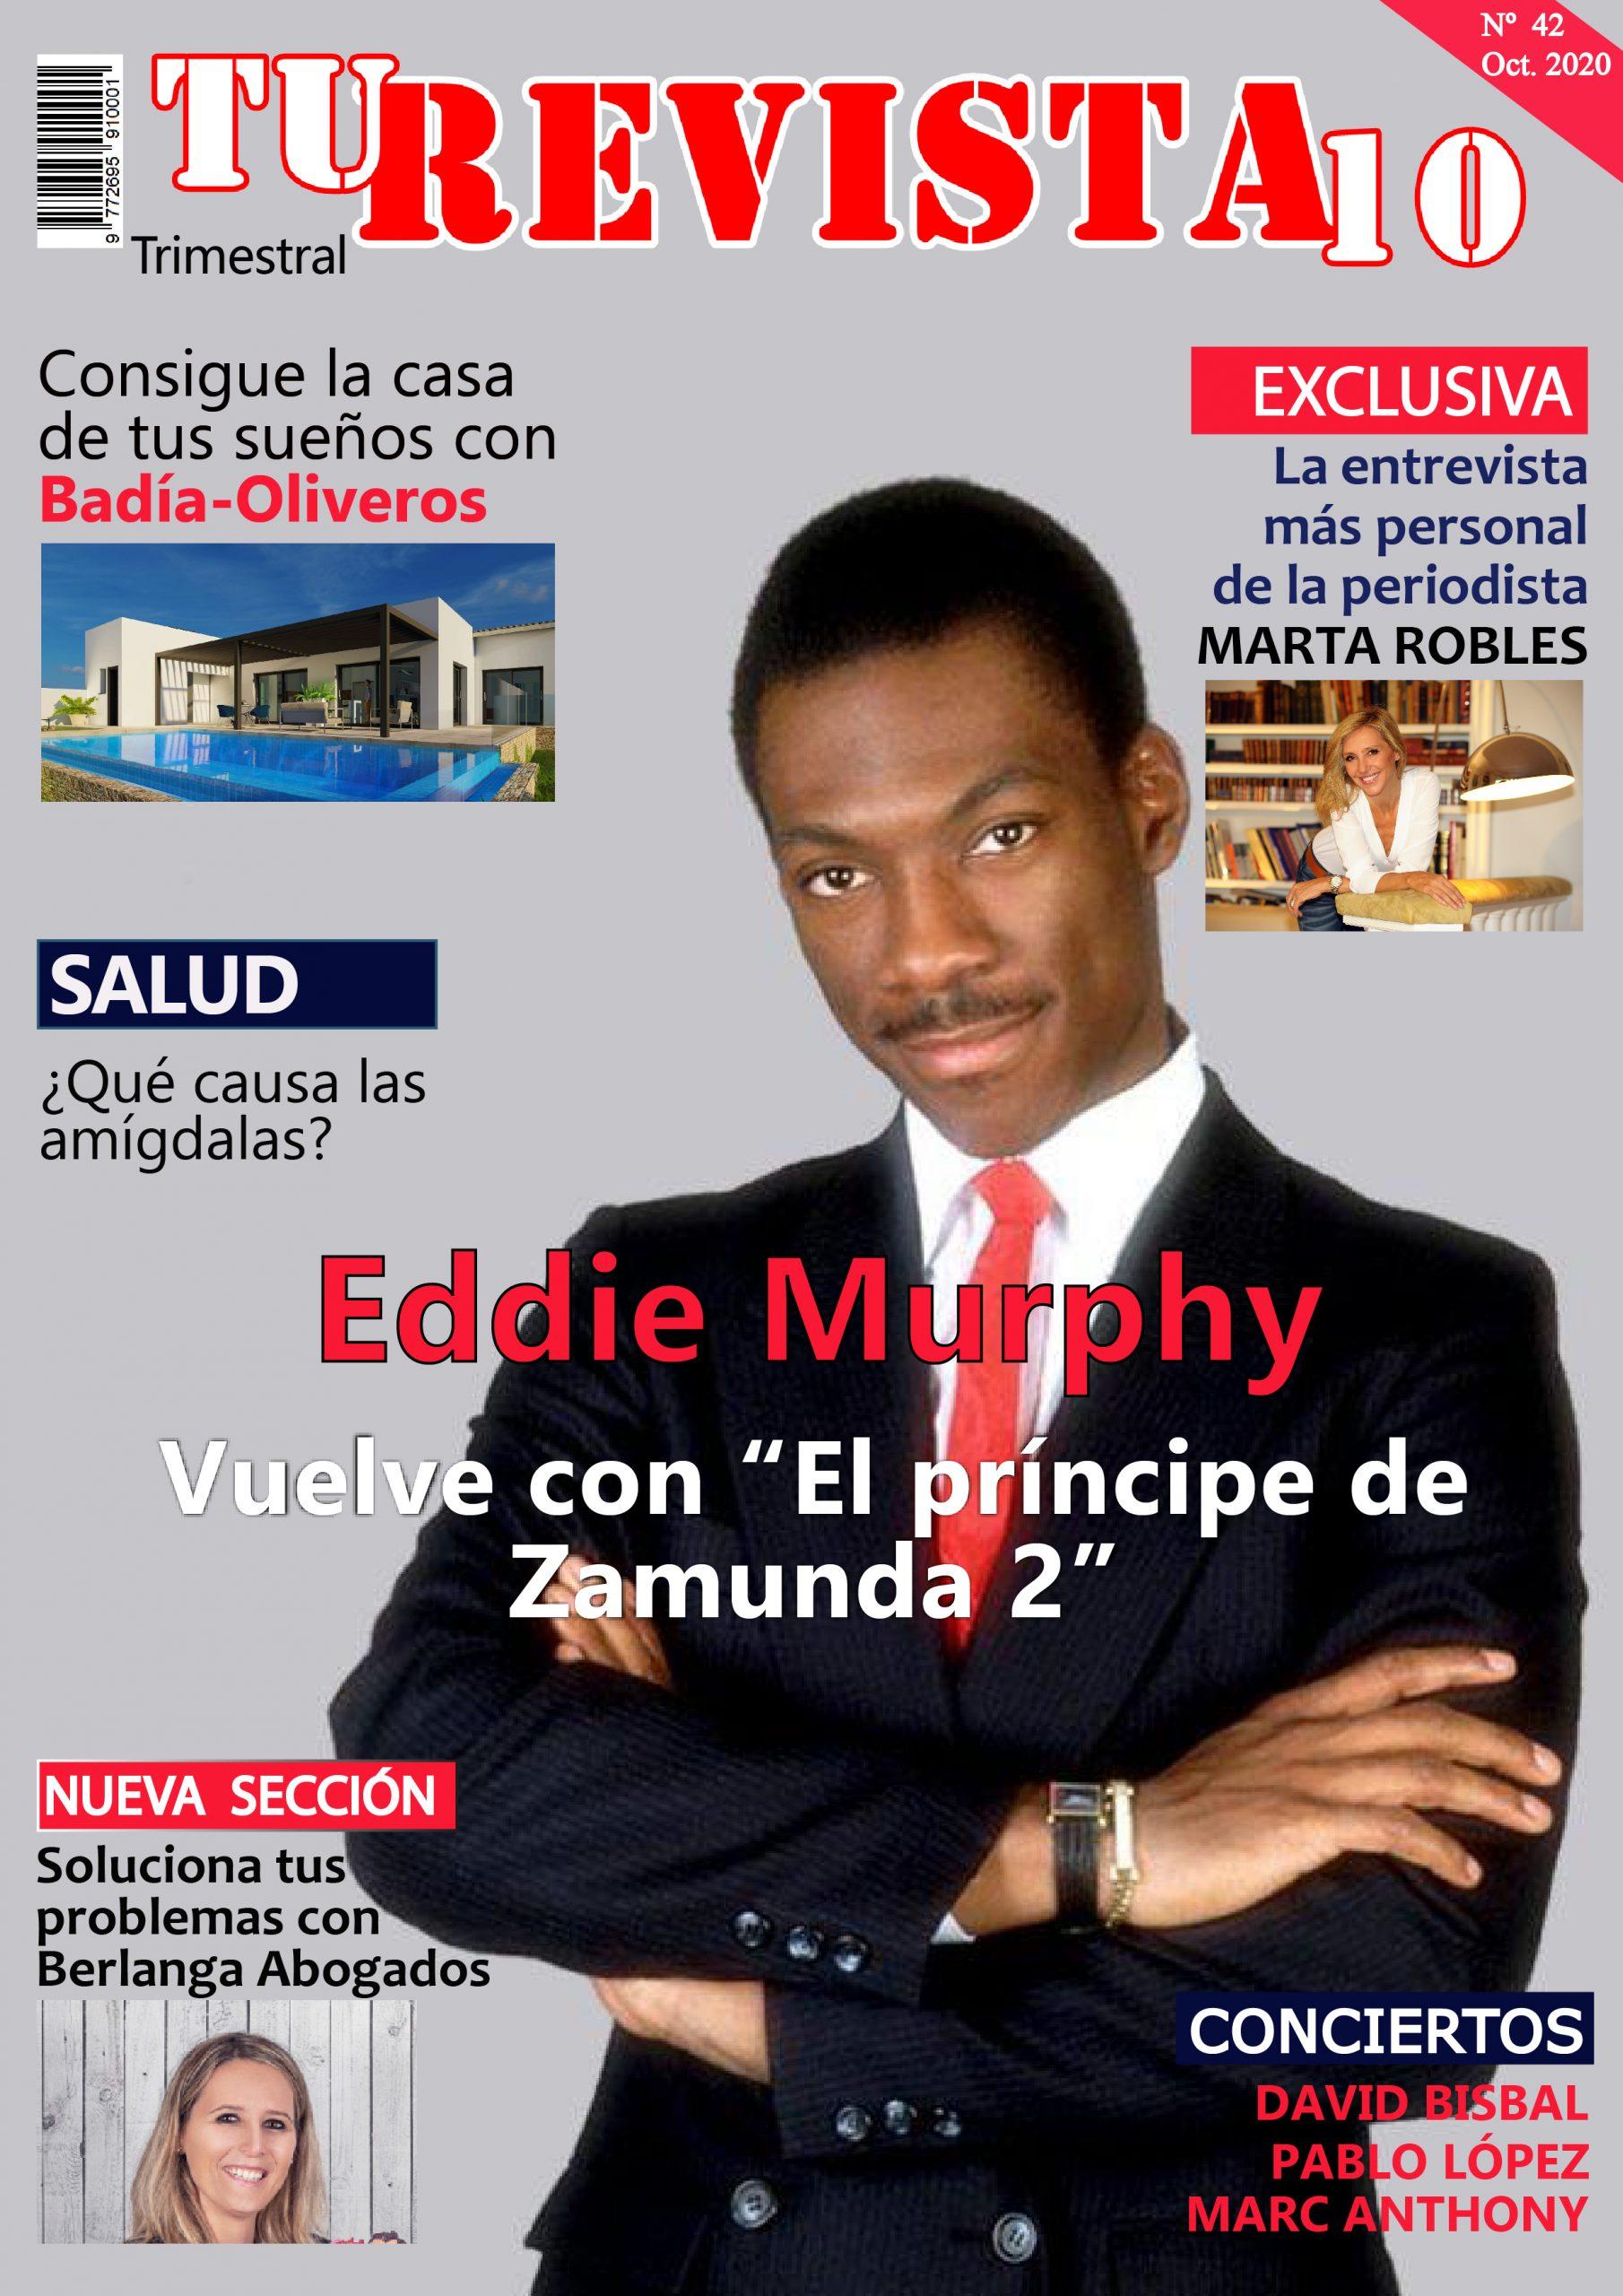 """EDDIE MURPHY vuelve con """"El príncipe de Zamunda2"""""""